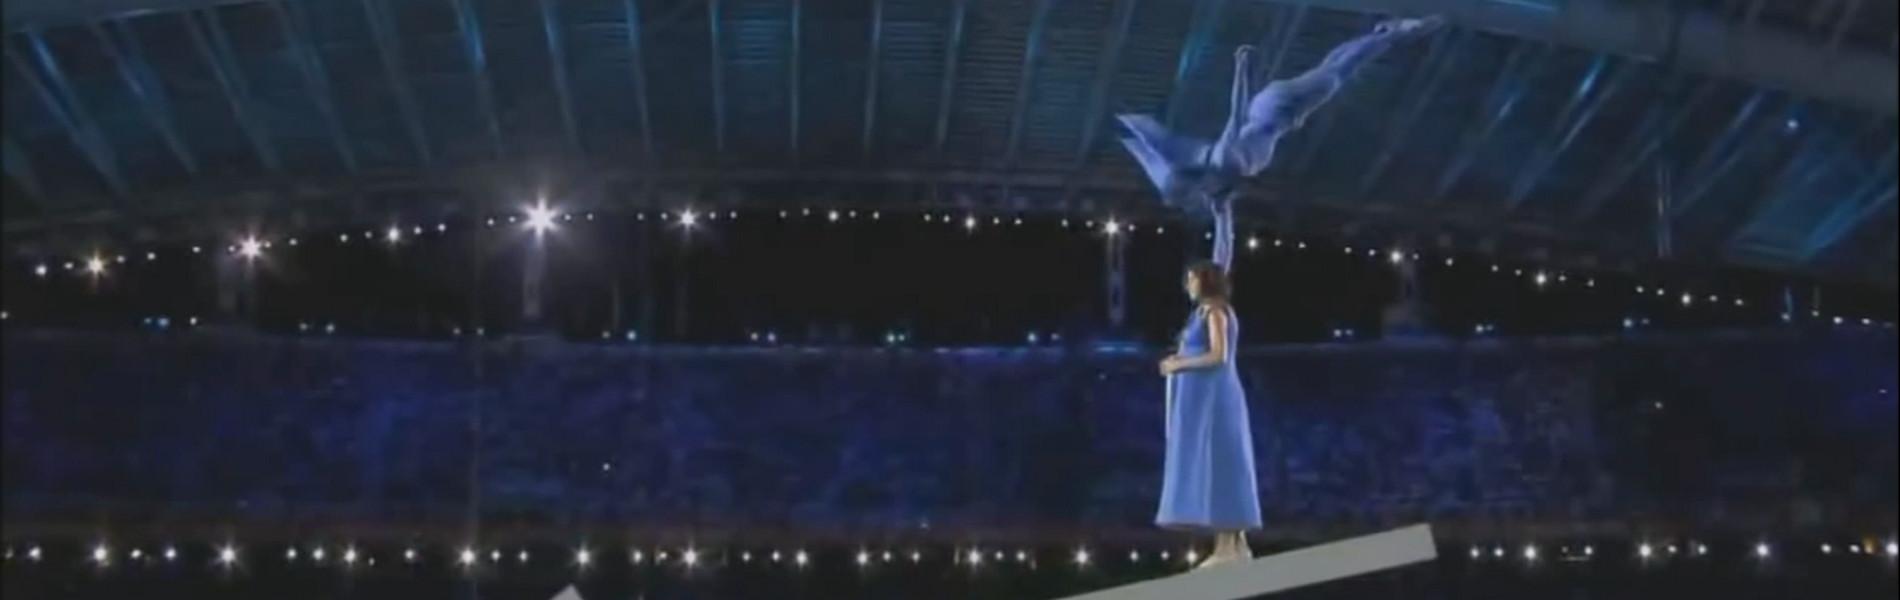 Início da Vida em Homenagem nas Olimpíadas